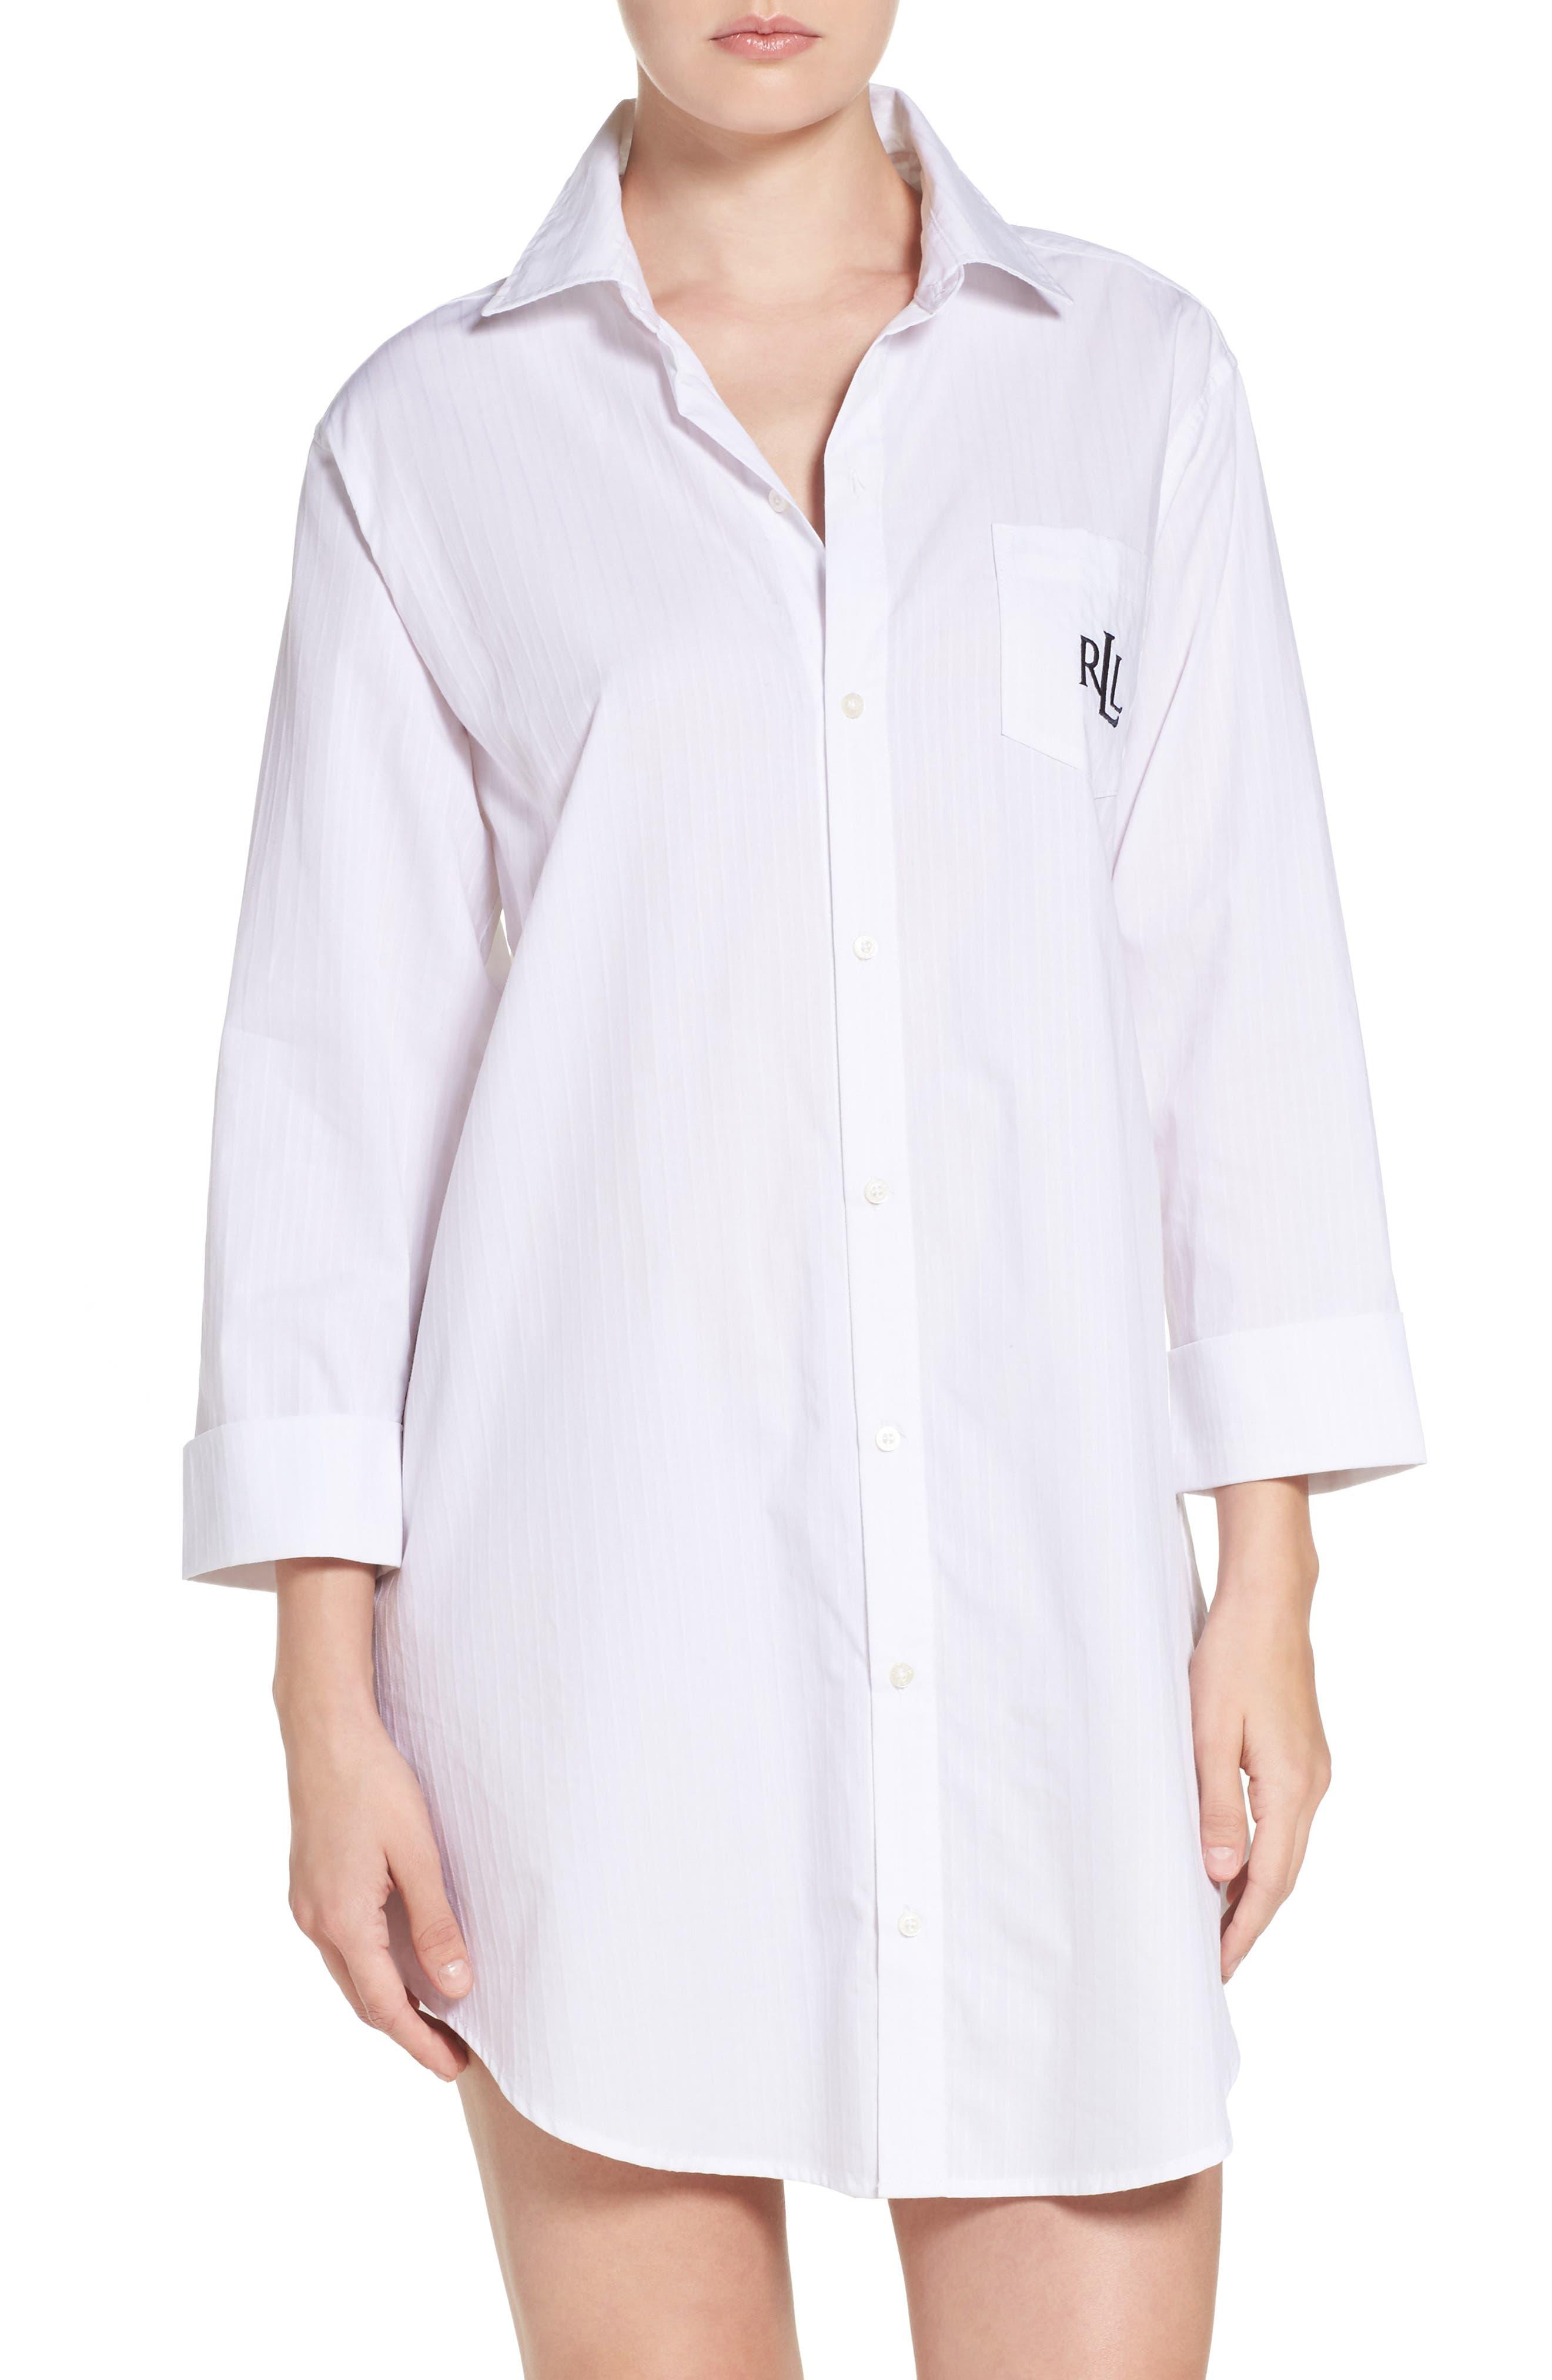 LAUREN RALPH LAUREN His Sleep Shirt, Main, color, WHITE